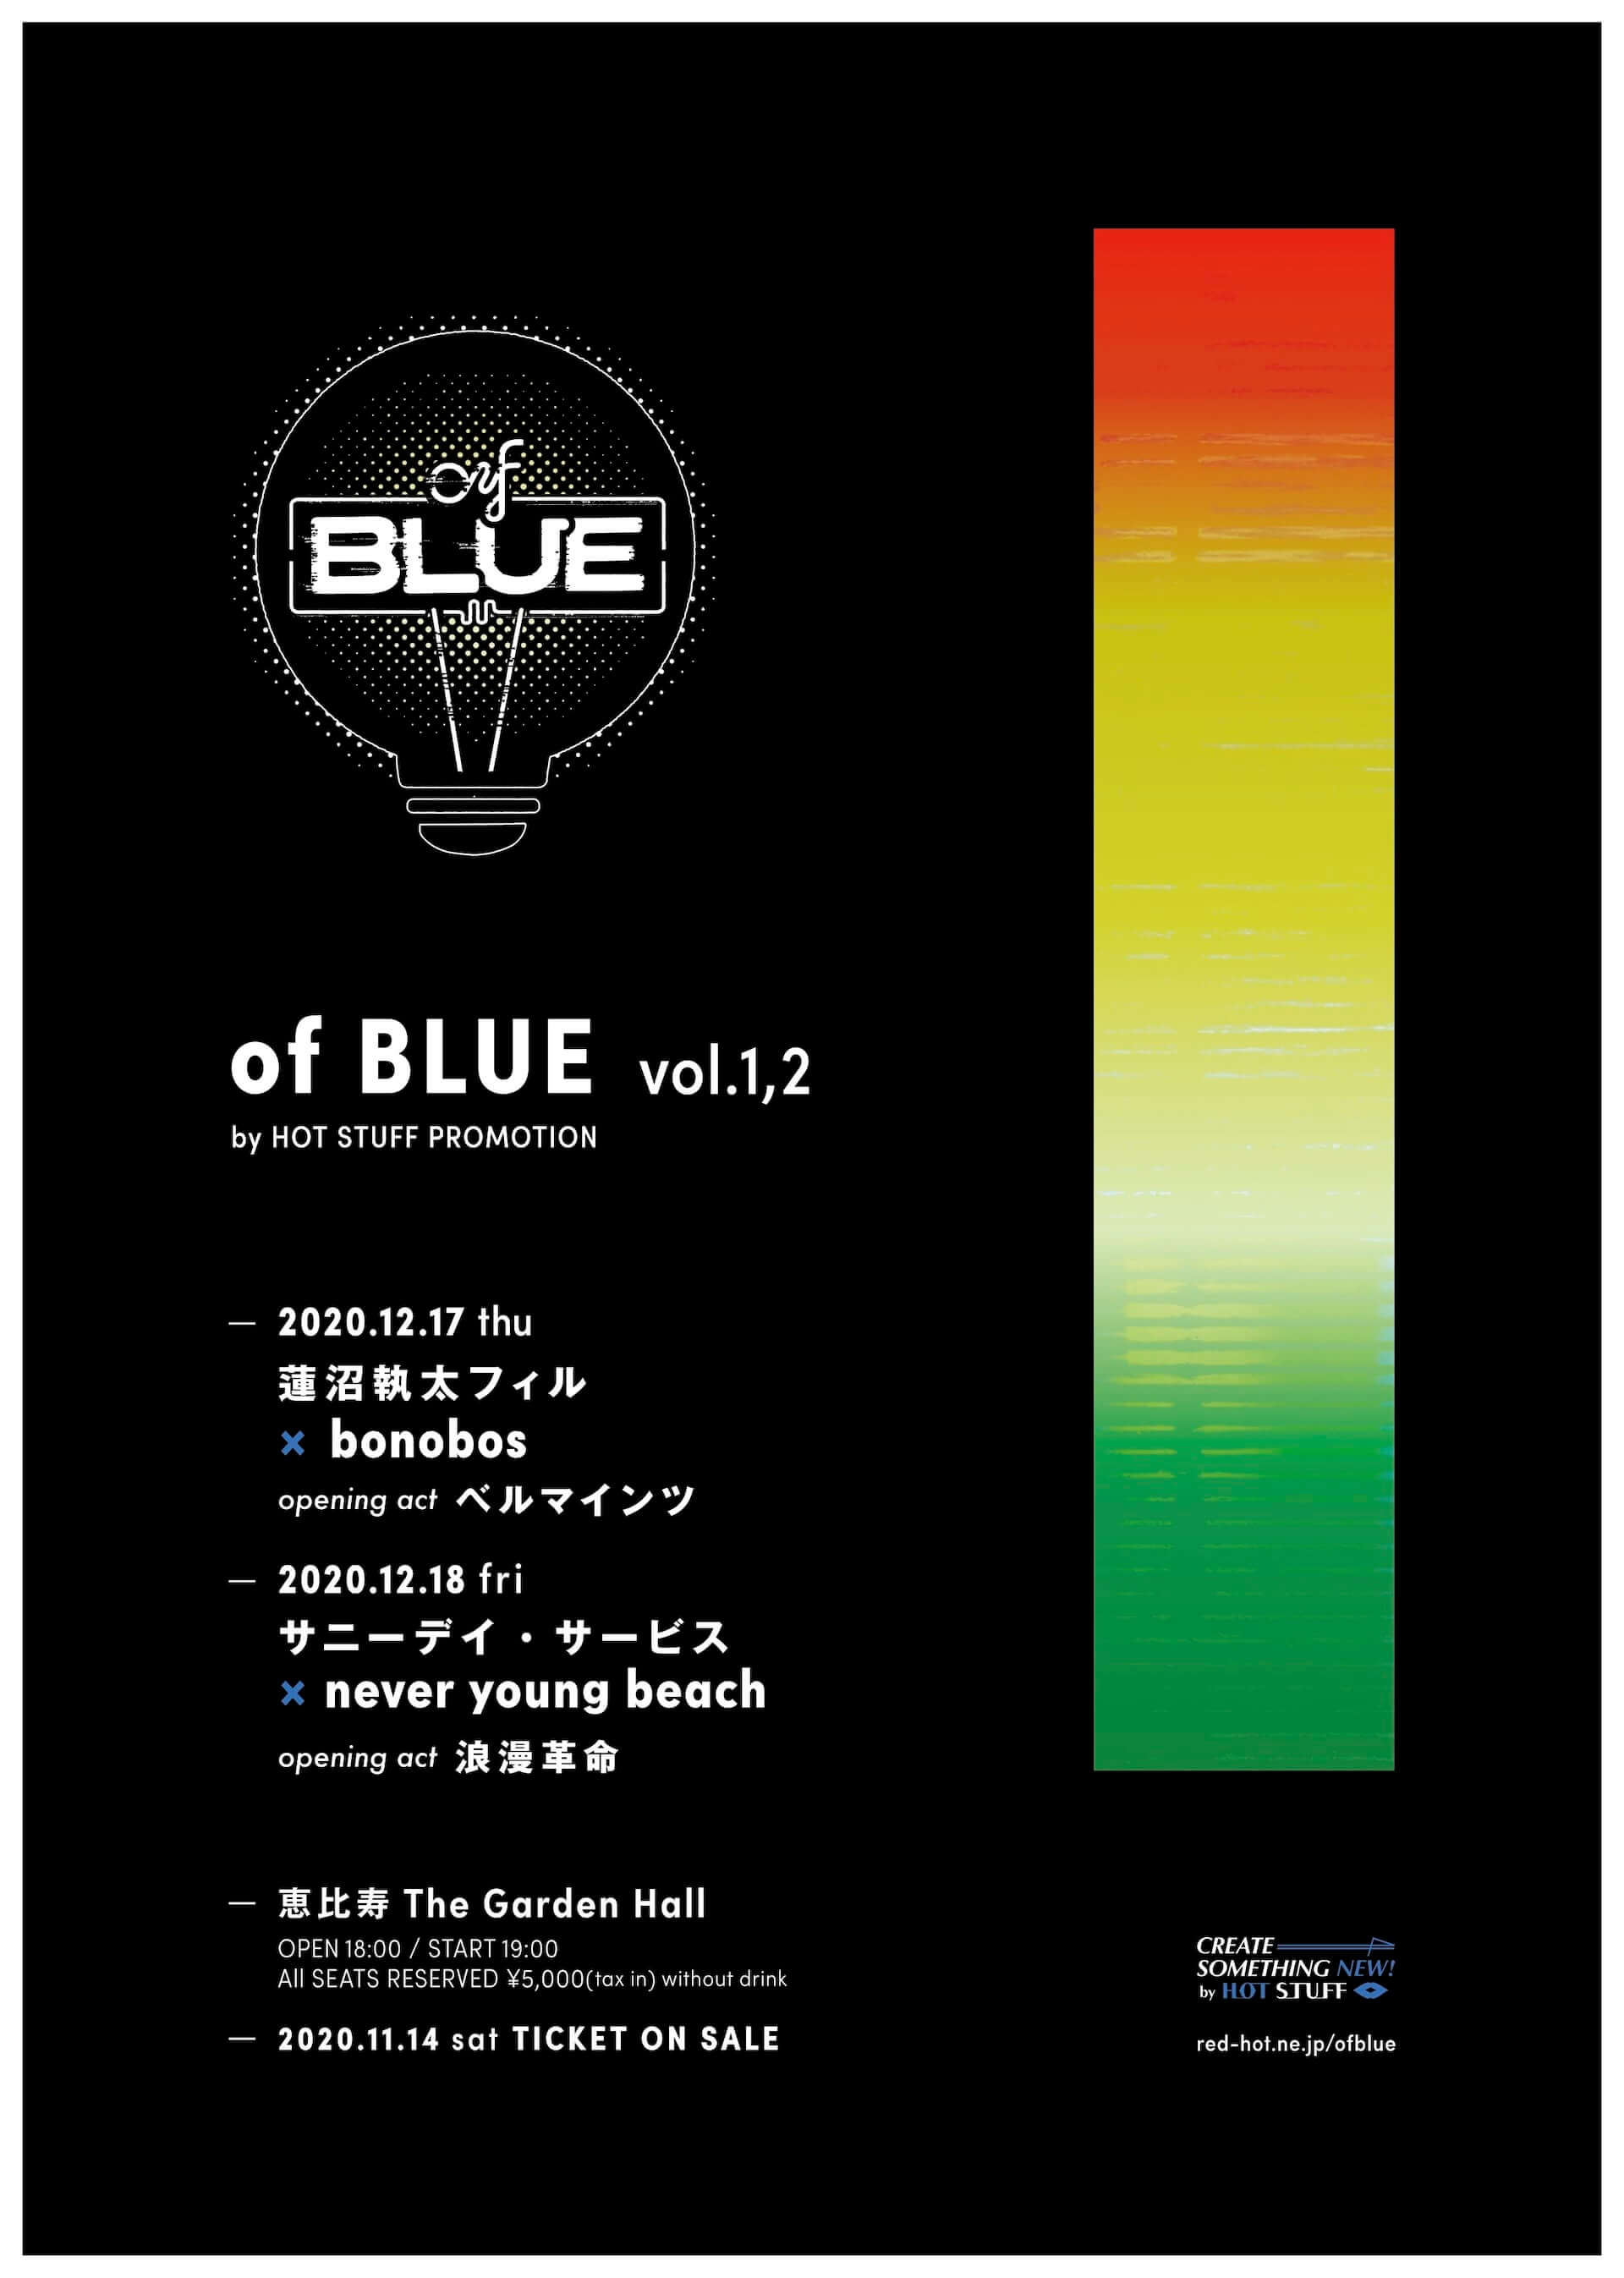 新イベント<RED SPICE>&<of BLUE>のオープニングアクトが発表!浪漫革命、ベルマインツ、torontoが登場 music201112_redspice-ofblue_11-1920x2693